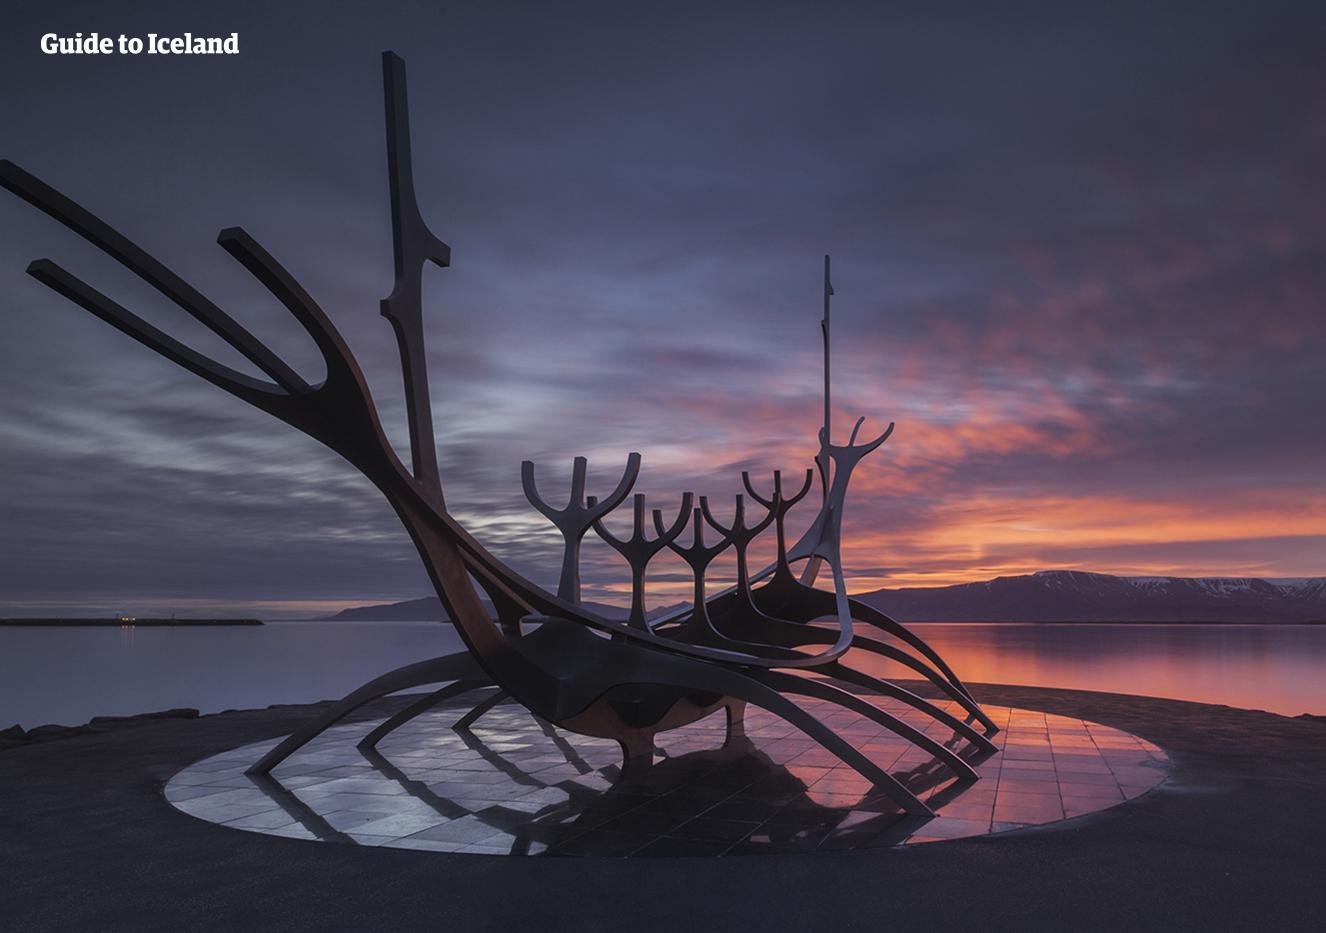 아이슬란드의 수도, 레이캬비크 해안가를 상징하는 선보야져!